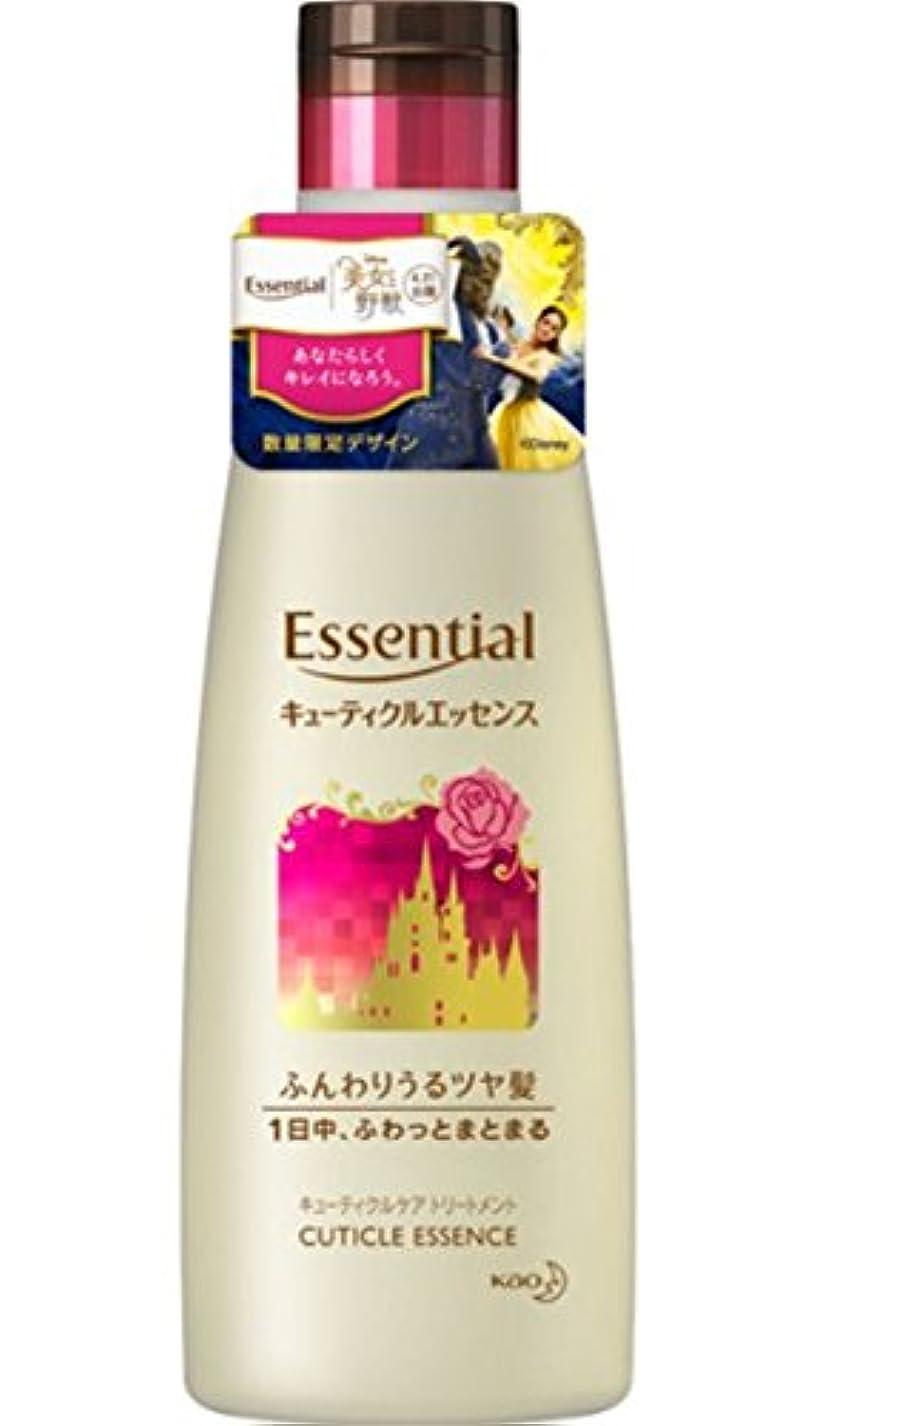 ハイキング導出宣言エッセンシャル(Essential) 【数量限定】 美女と野獣 キューティクルエッセンスA (トリートメント) 250ml